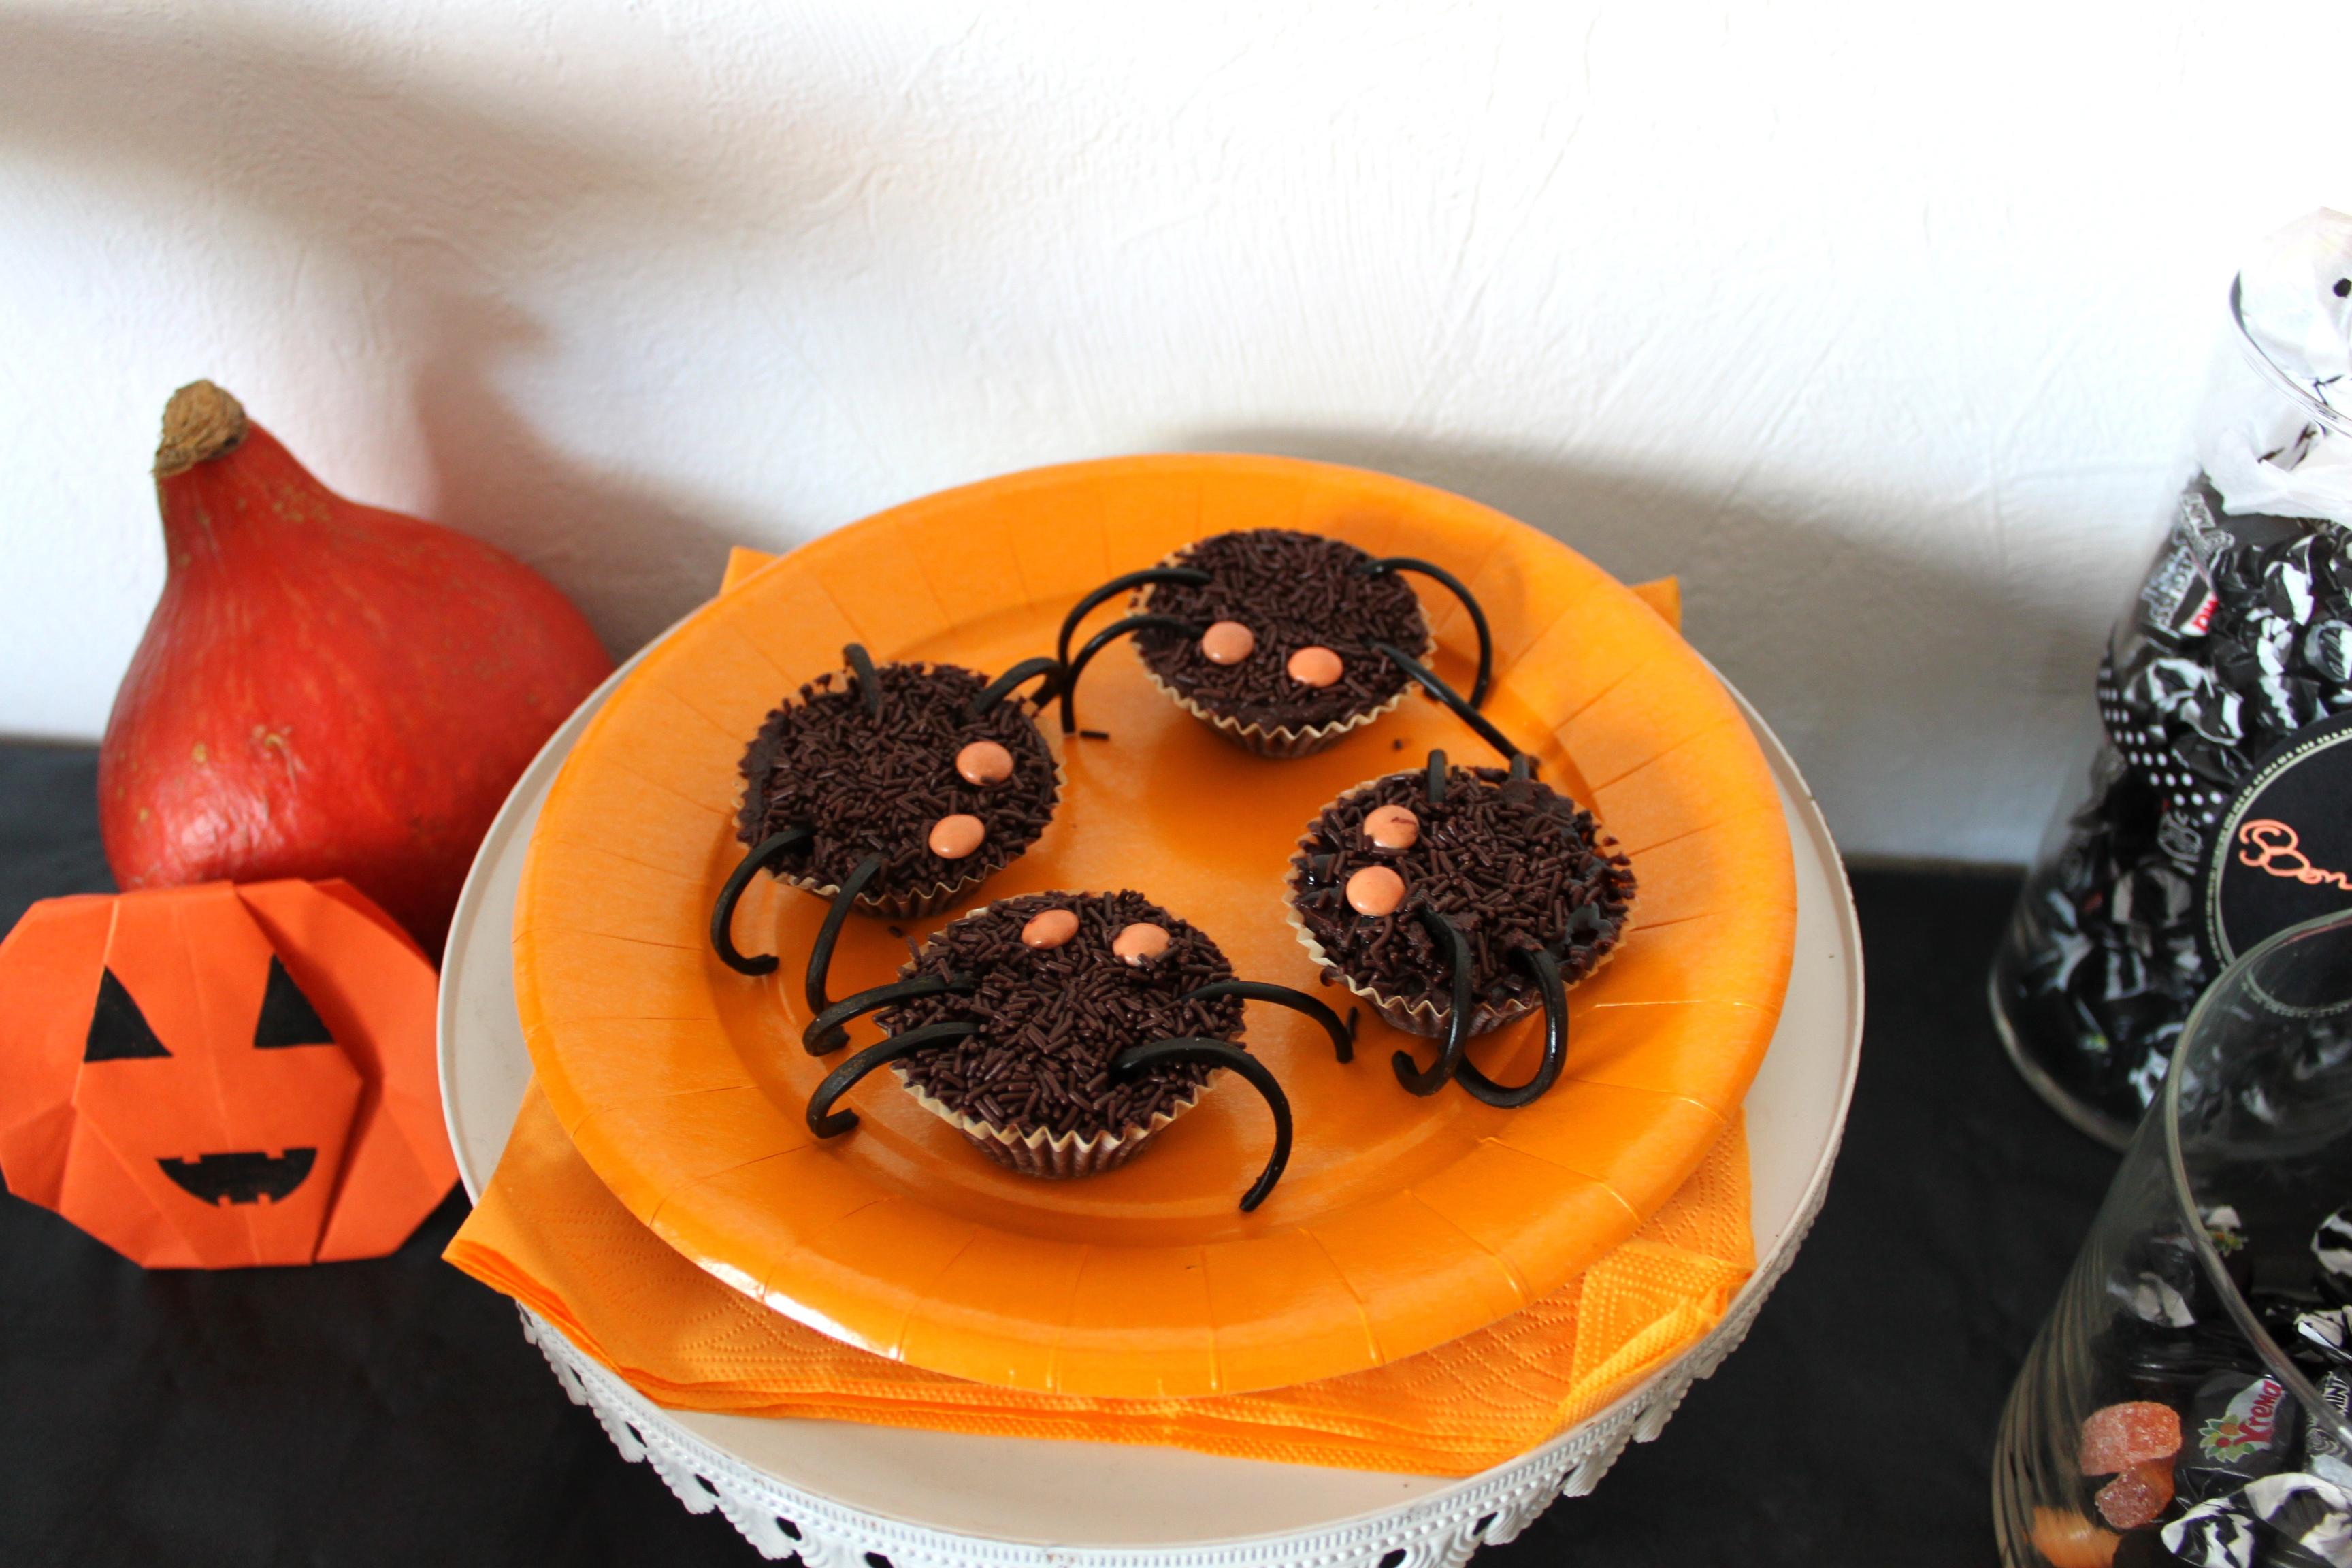 ... des araignées, c'est horrible, mais en cupcakes pas de problème